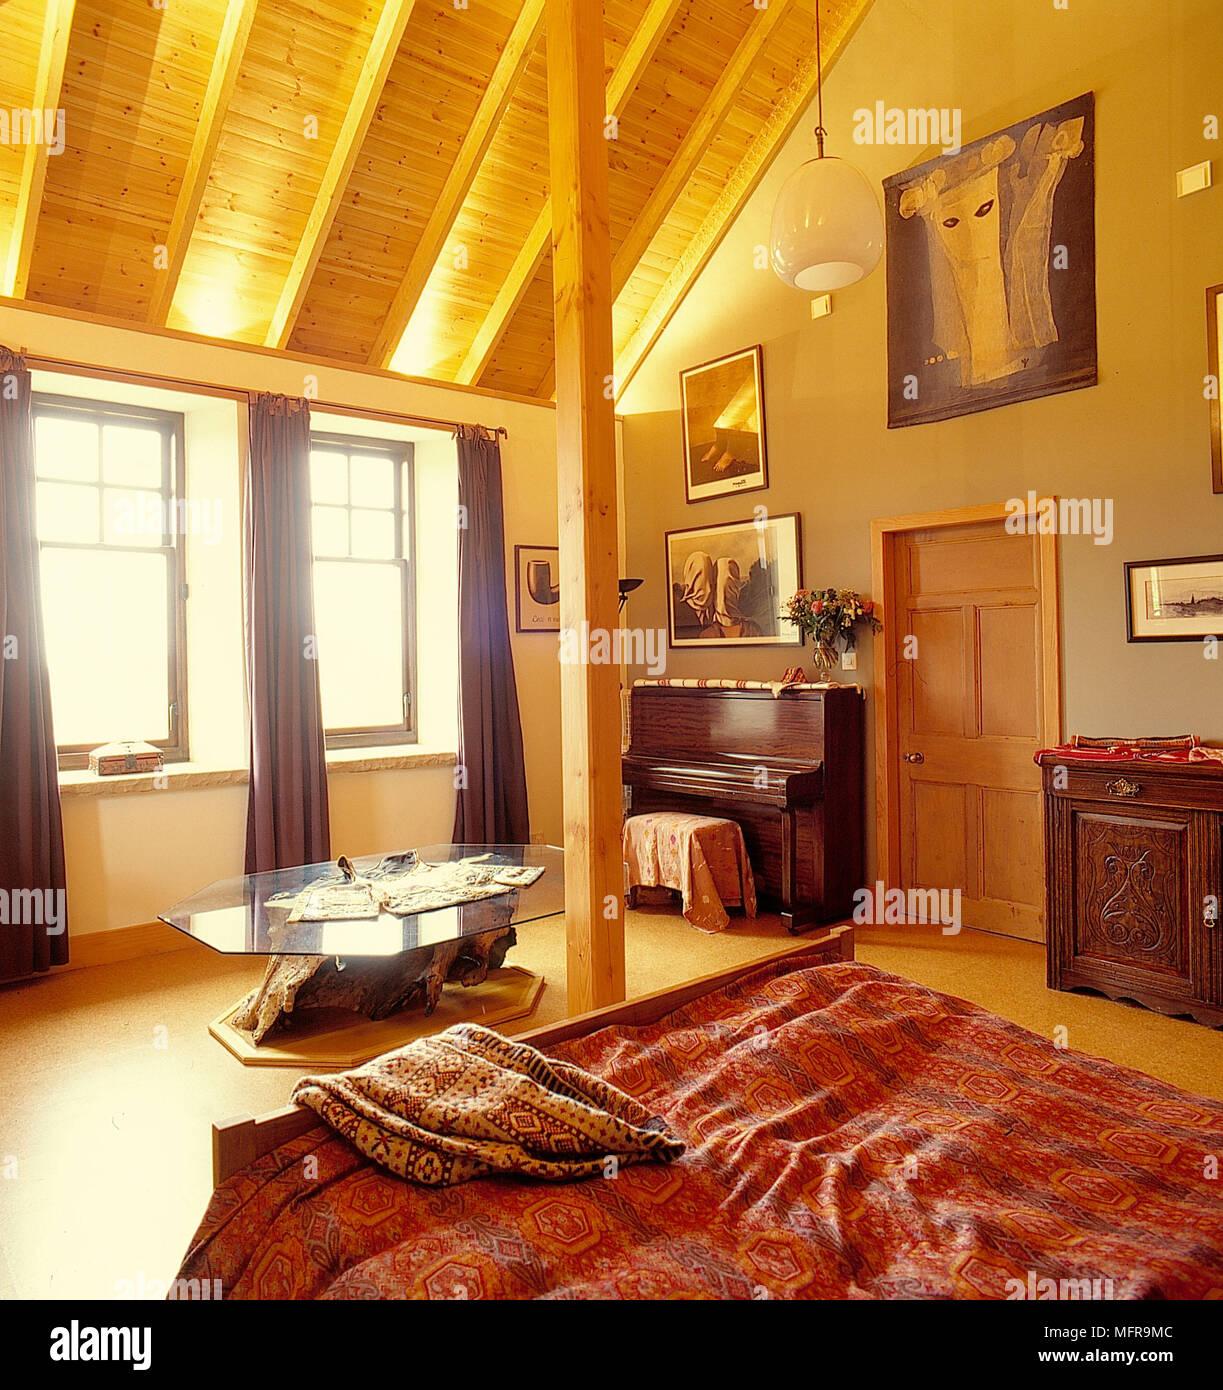 Land Schlafzimmer neutrale Wände schräge Decke aus Holz ...